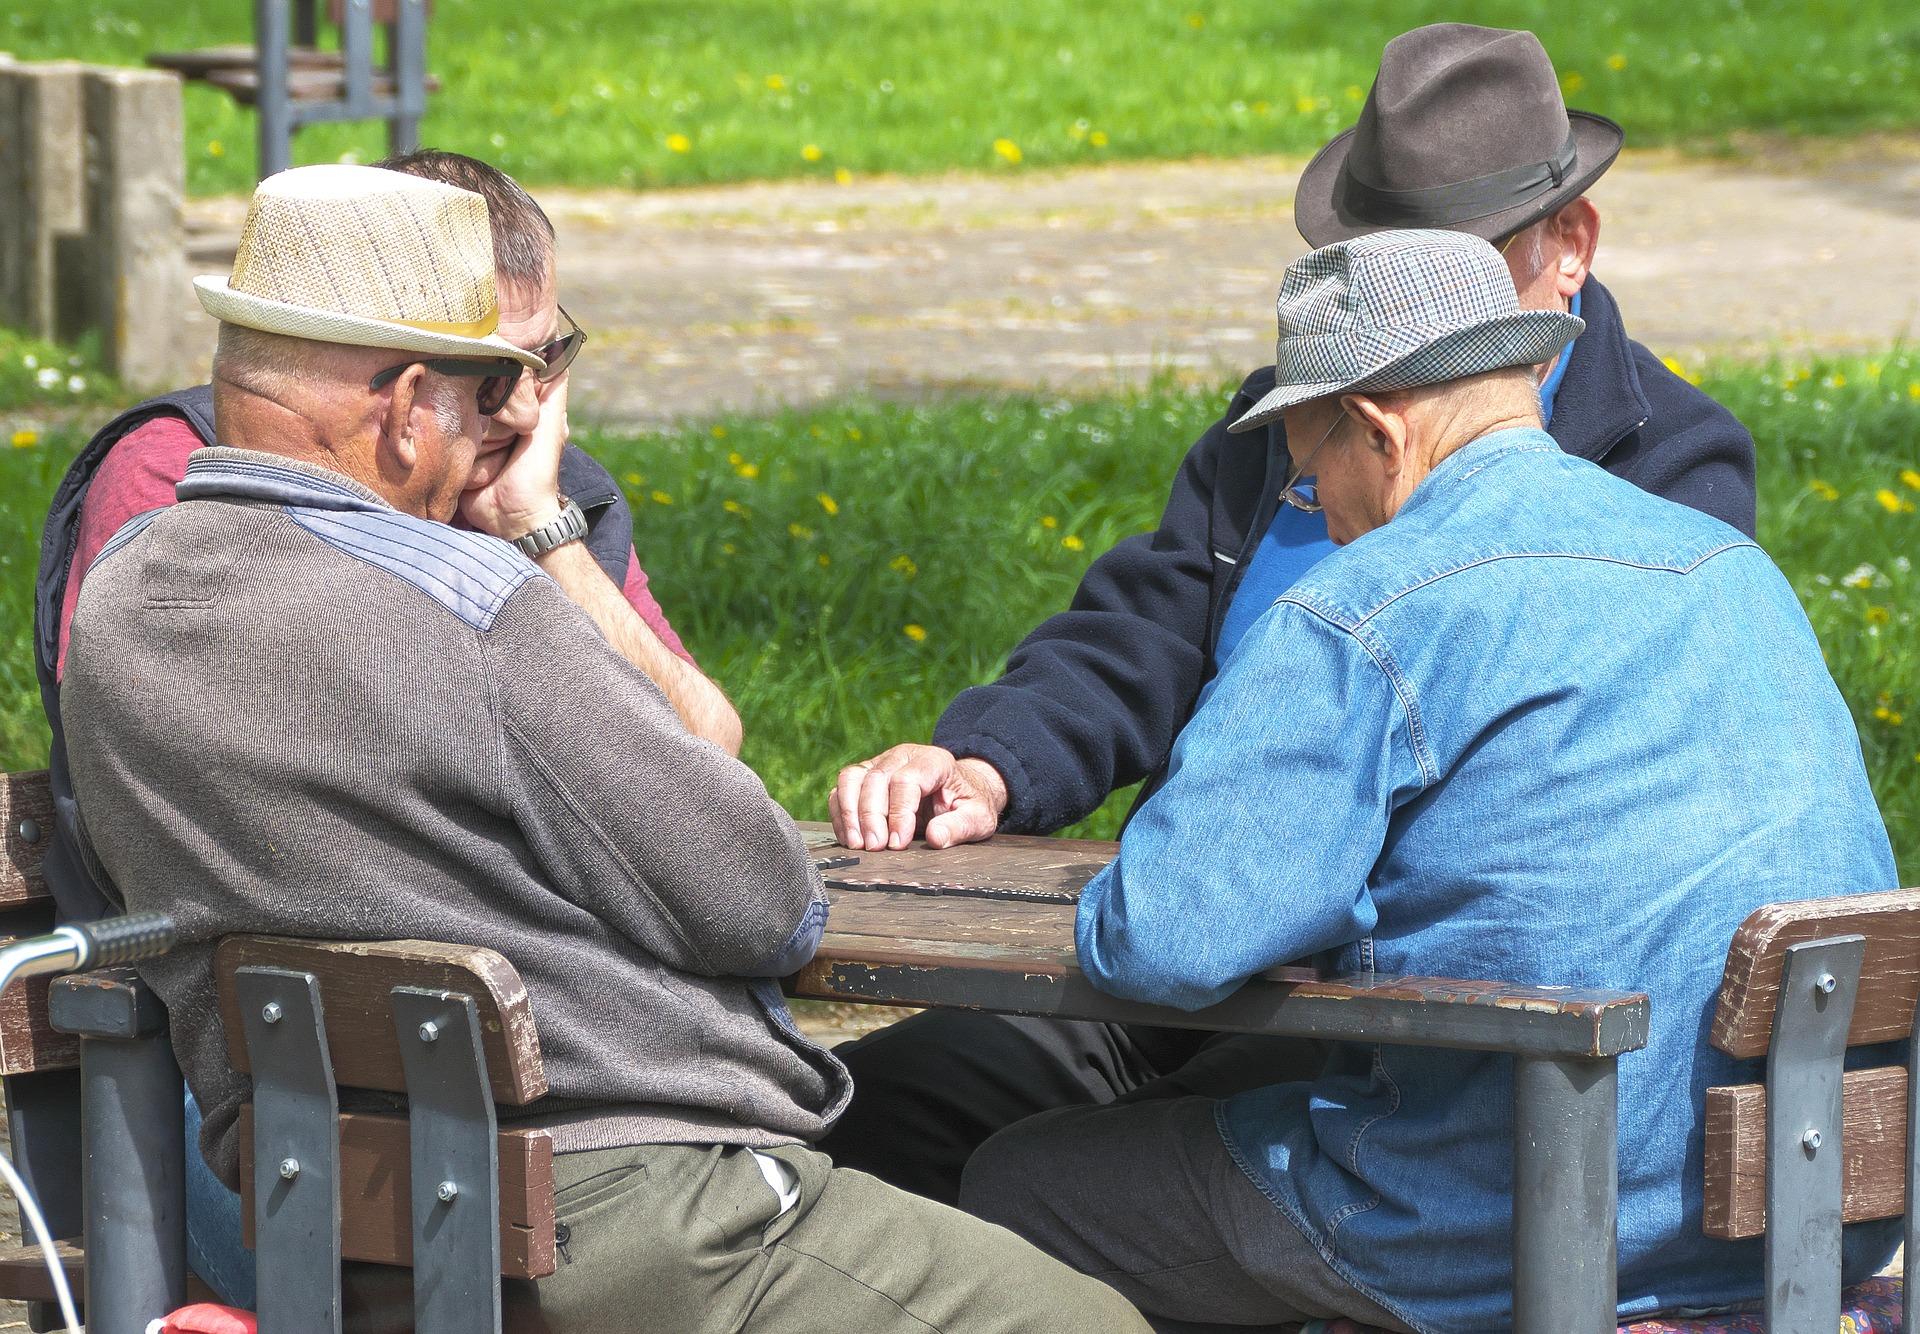 Wir müssen wohl mit weniger Rente rechnen. Dividenden sind eine mögliche Art, sie aufzustocken